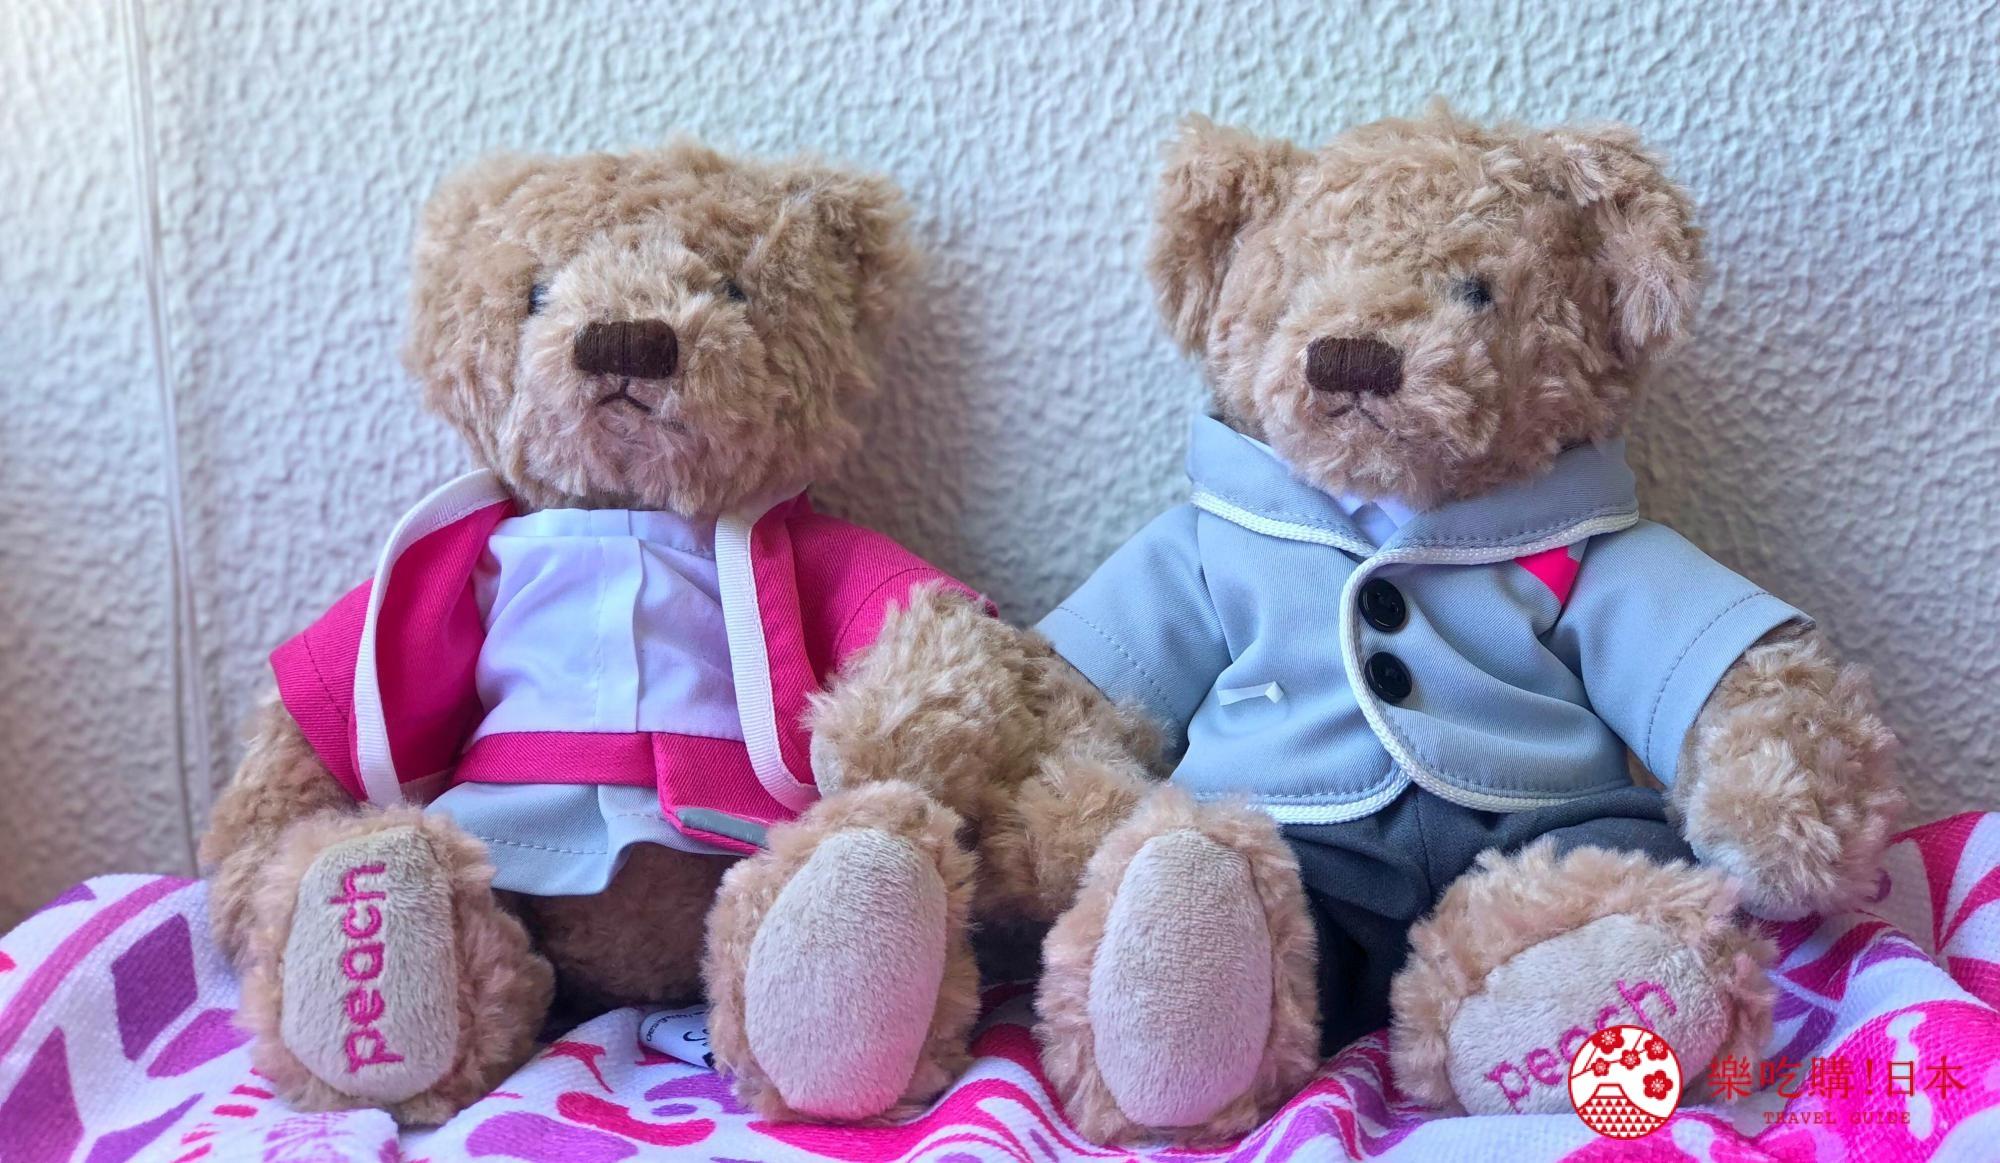 日本樂桃人氣原創設計商品的Peach原創設計CA泰迪熊對熊照片